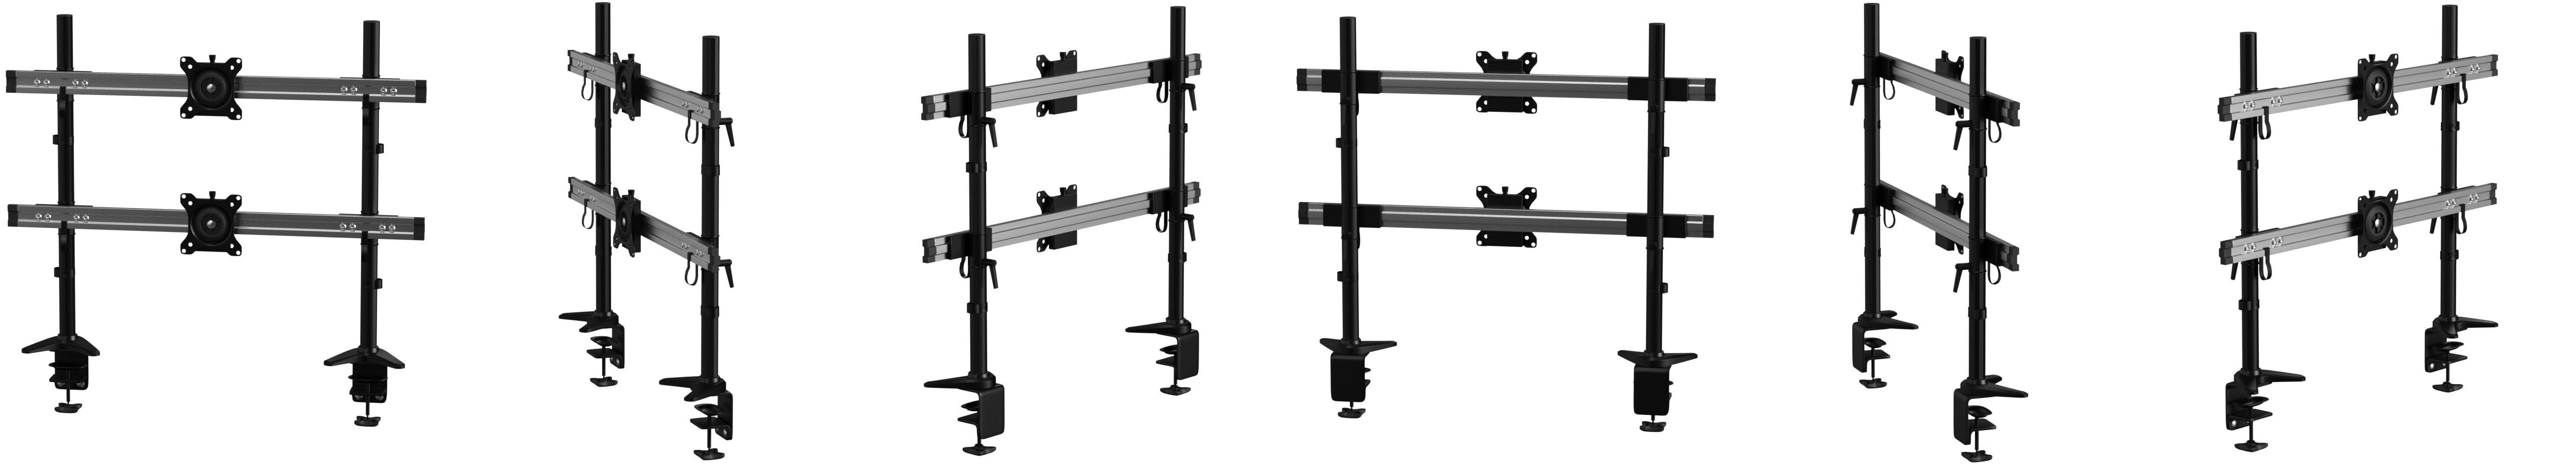 100 HFTEK HF28DB Supporto da tavolo per Monitor TV montaggio da tavolo Supporto da scrivania desk mount bracket per schermo fino a 34 pollici con VESA 75 HF28DB